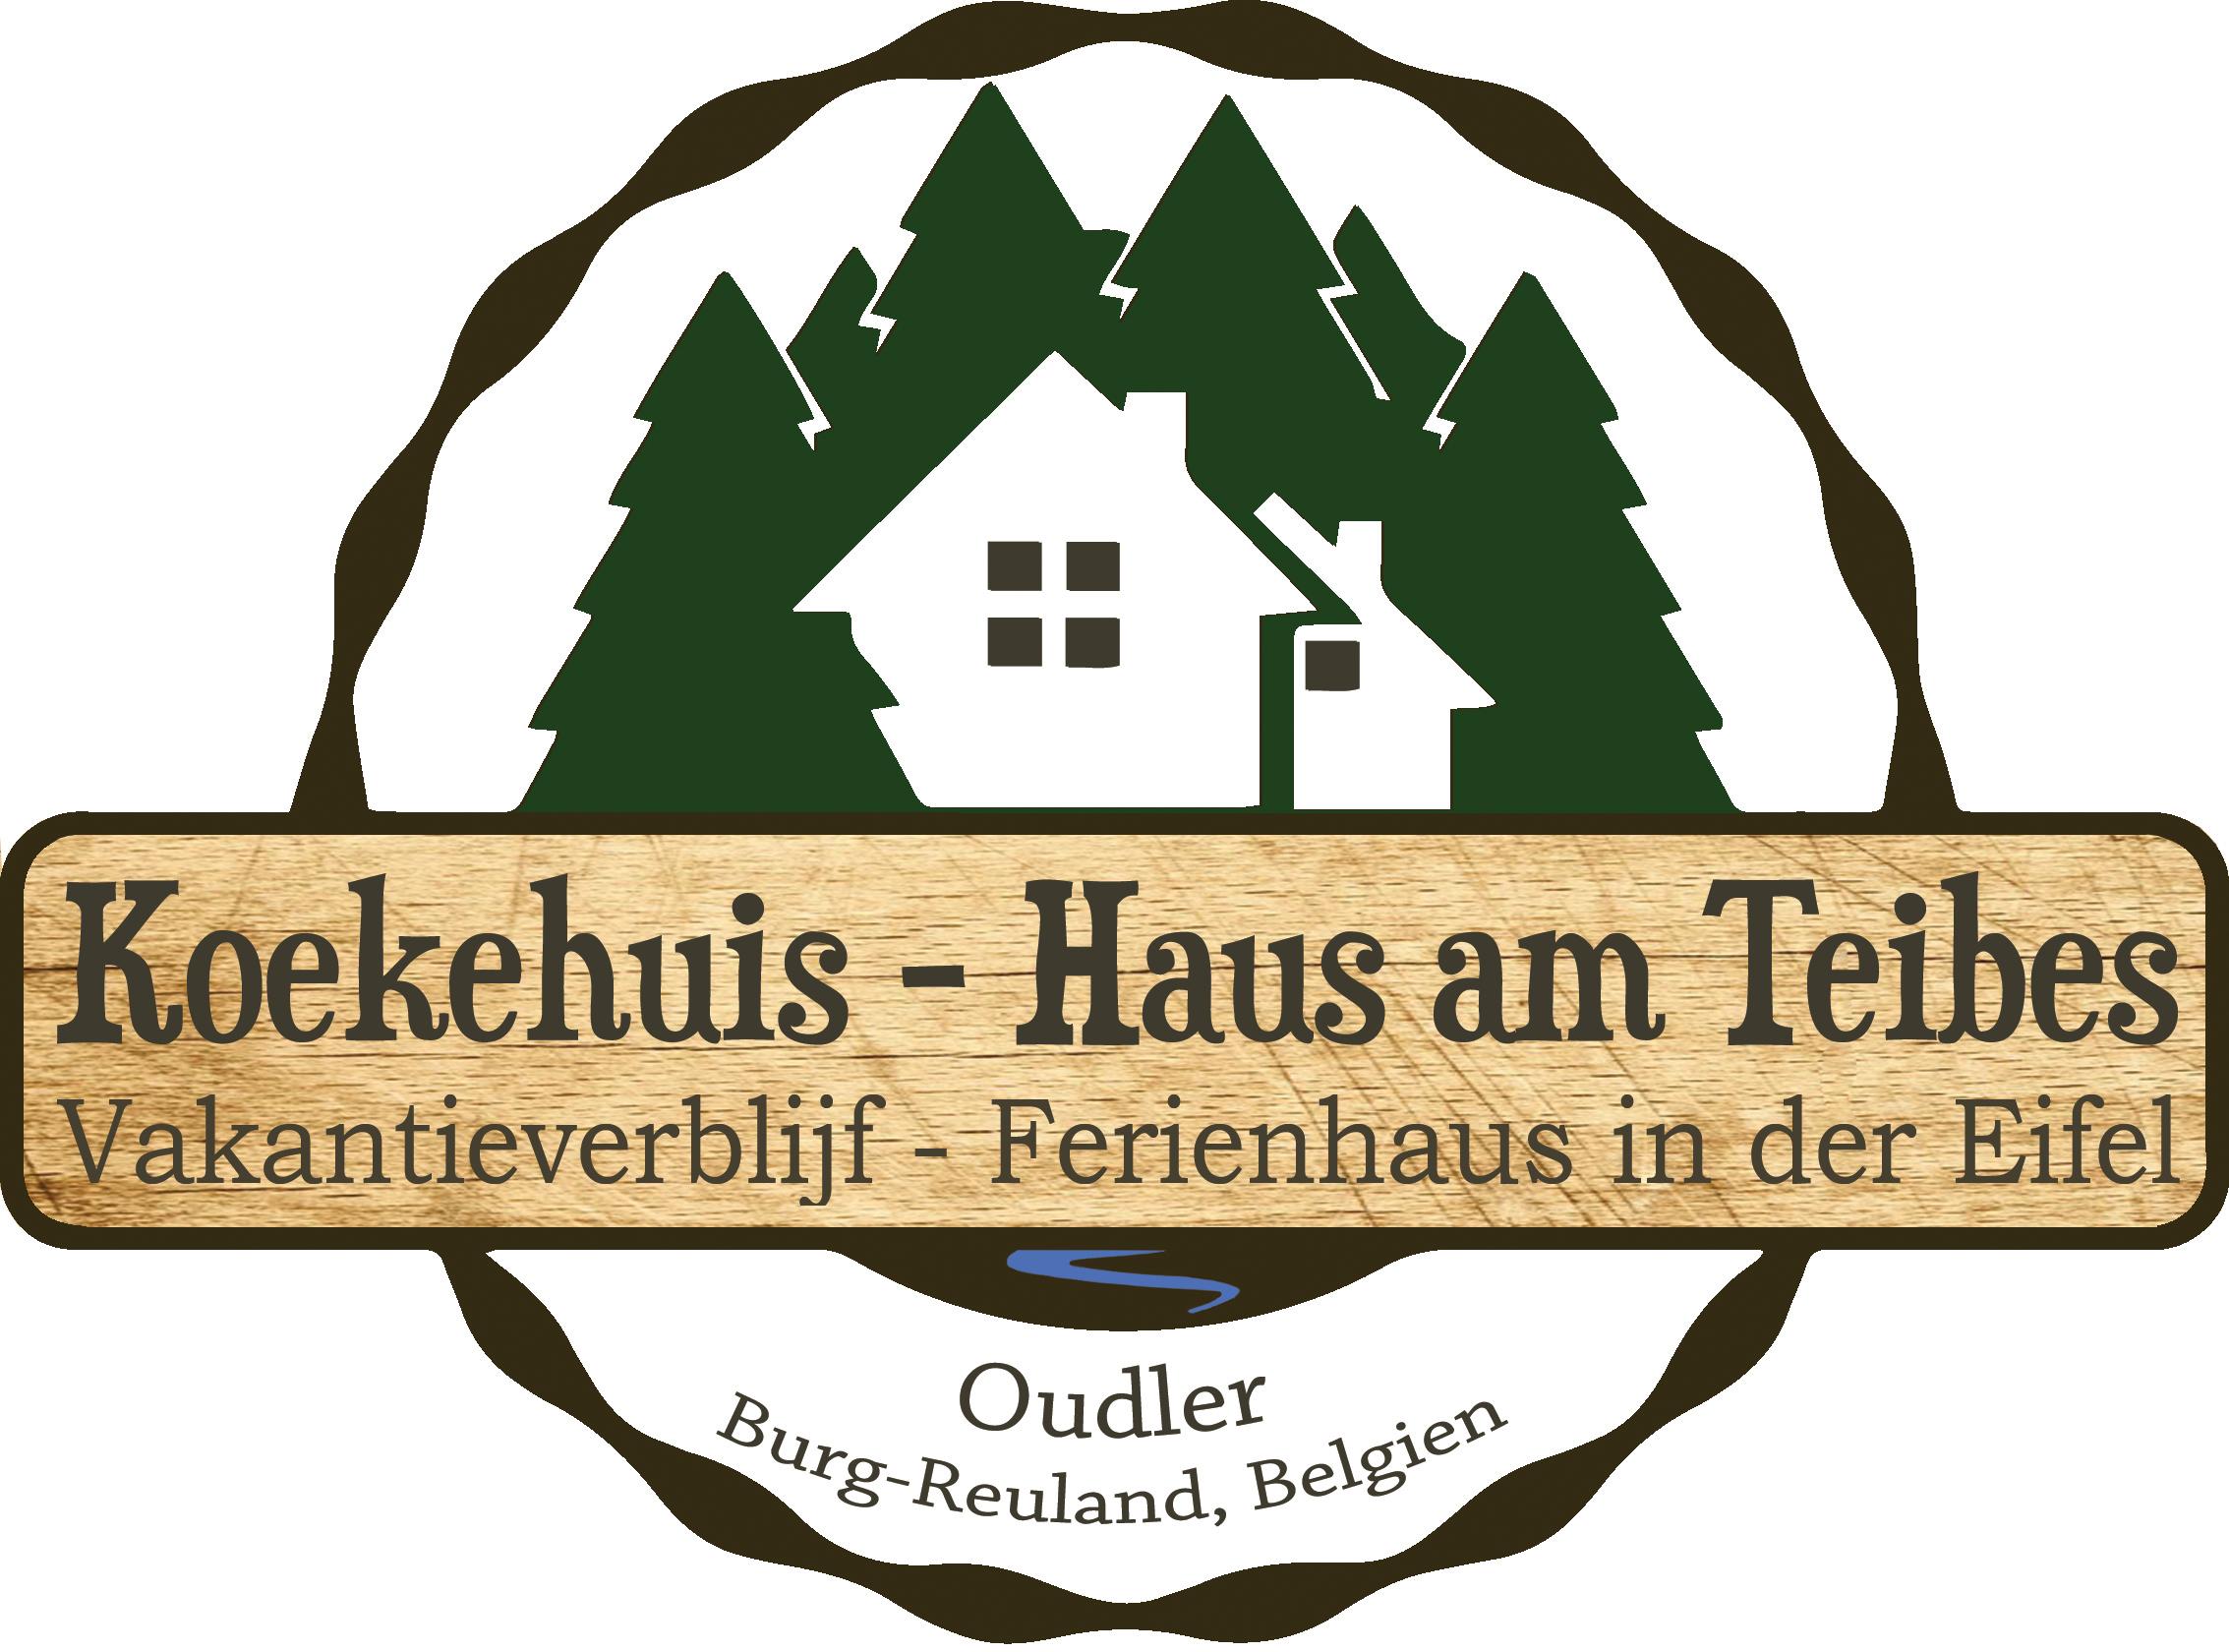 Koekehuis -